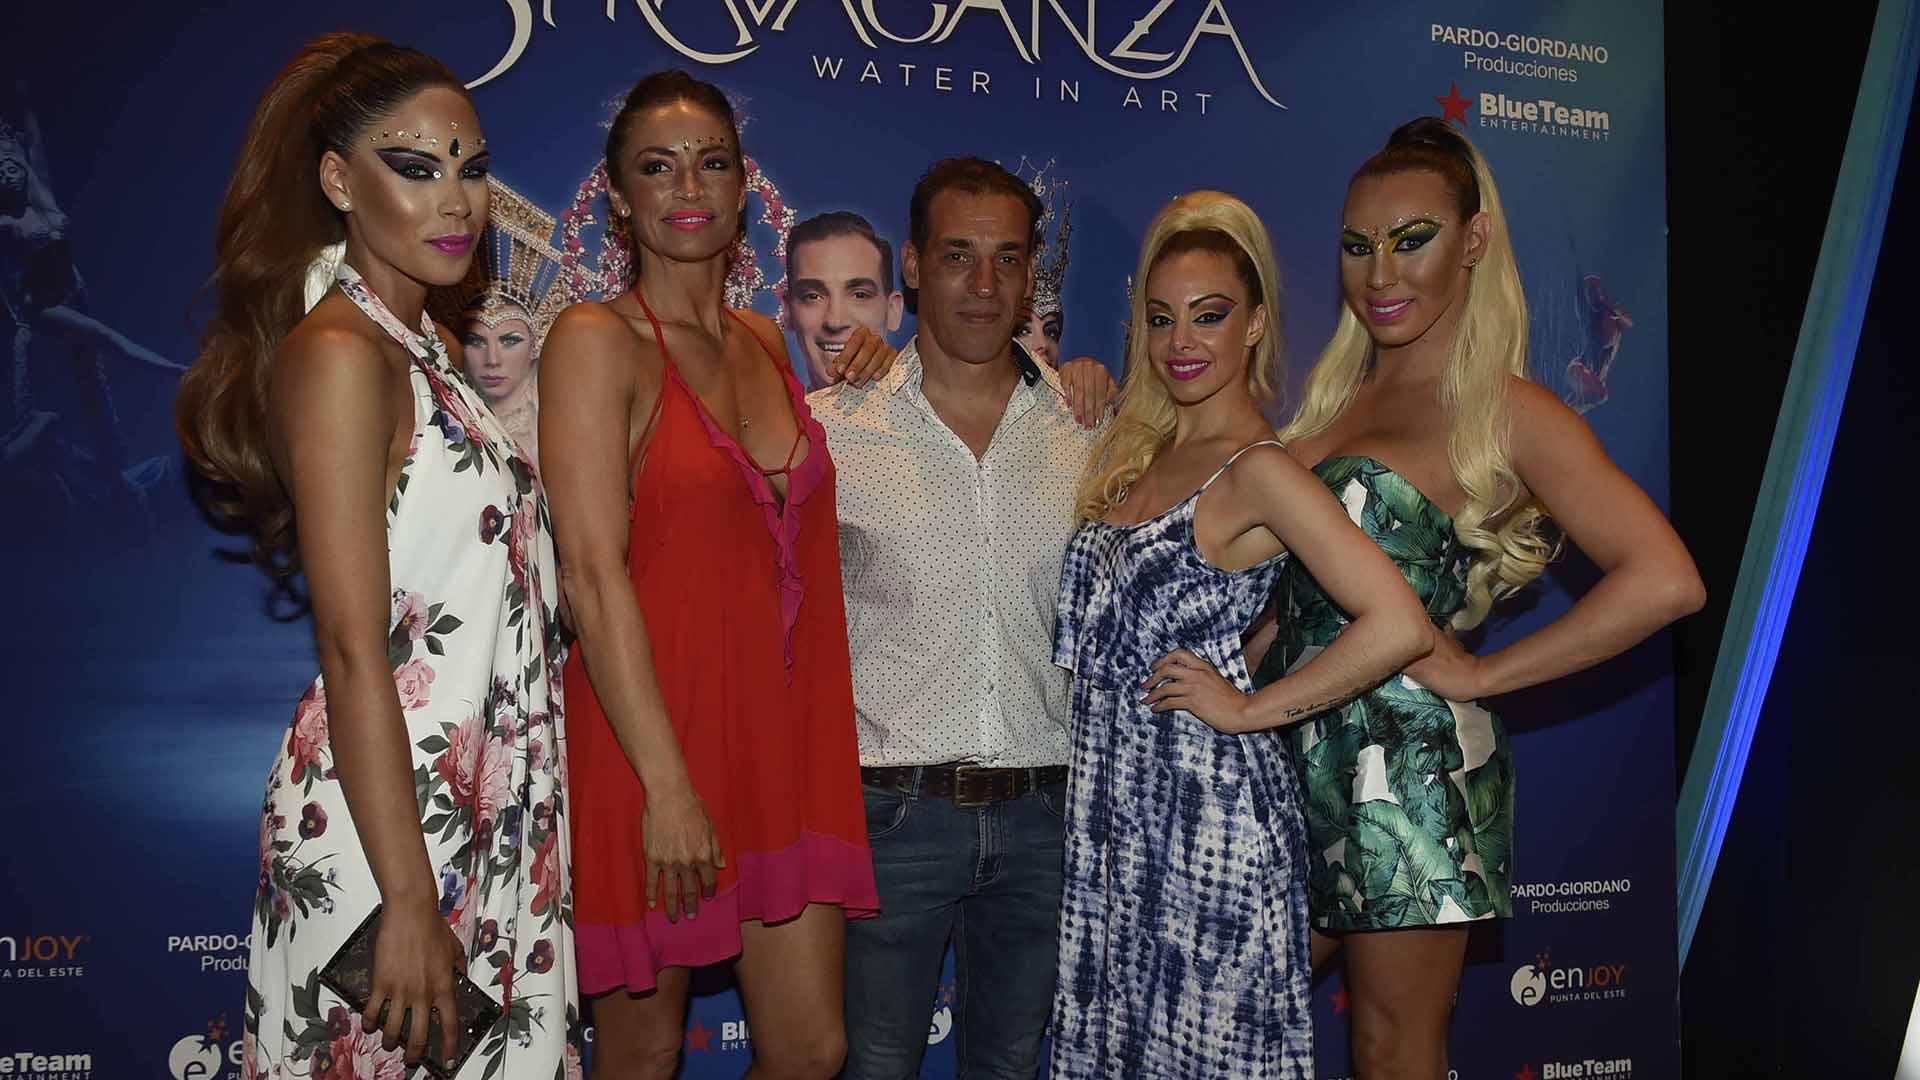 Parte del elenco de Stravaganza, Water in Art: Barby Franco, Claudia Fernández, Maxi De La Cruz, Gisela Bernal y Abigail Pereira